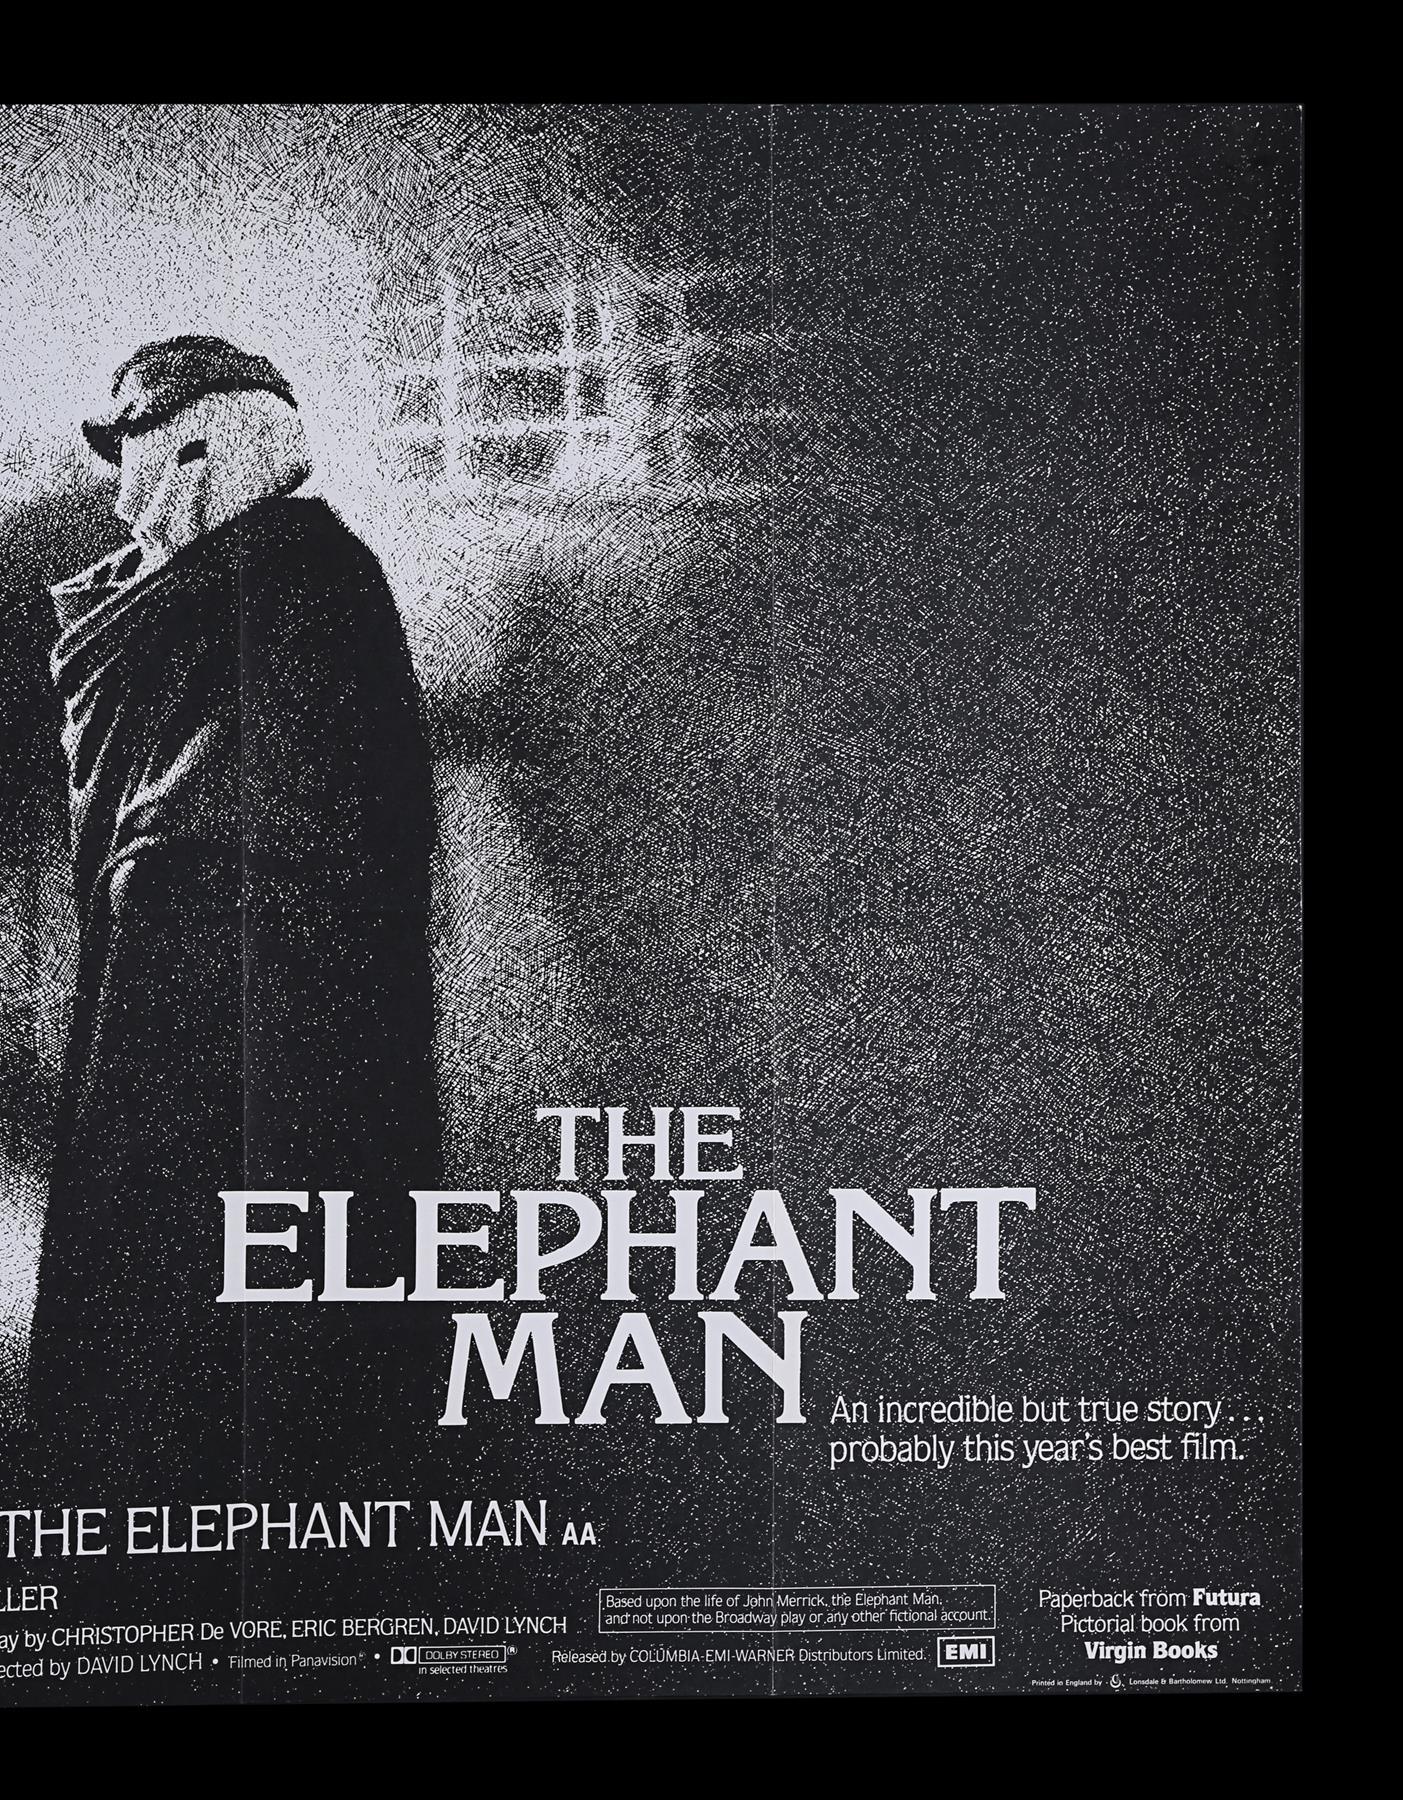 ELEPHANT MAN (1980) - UK Quad, 1980 - Image 3 of 5